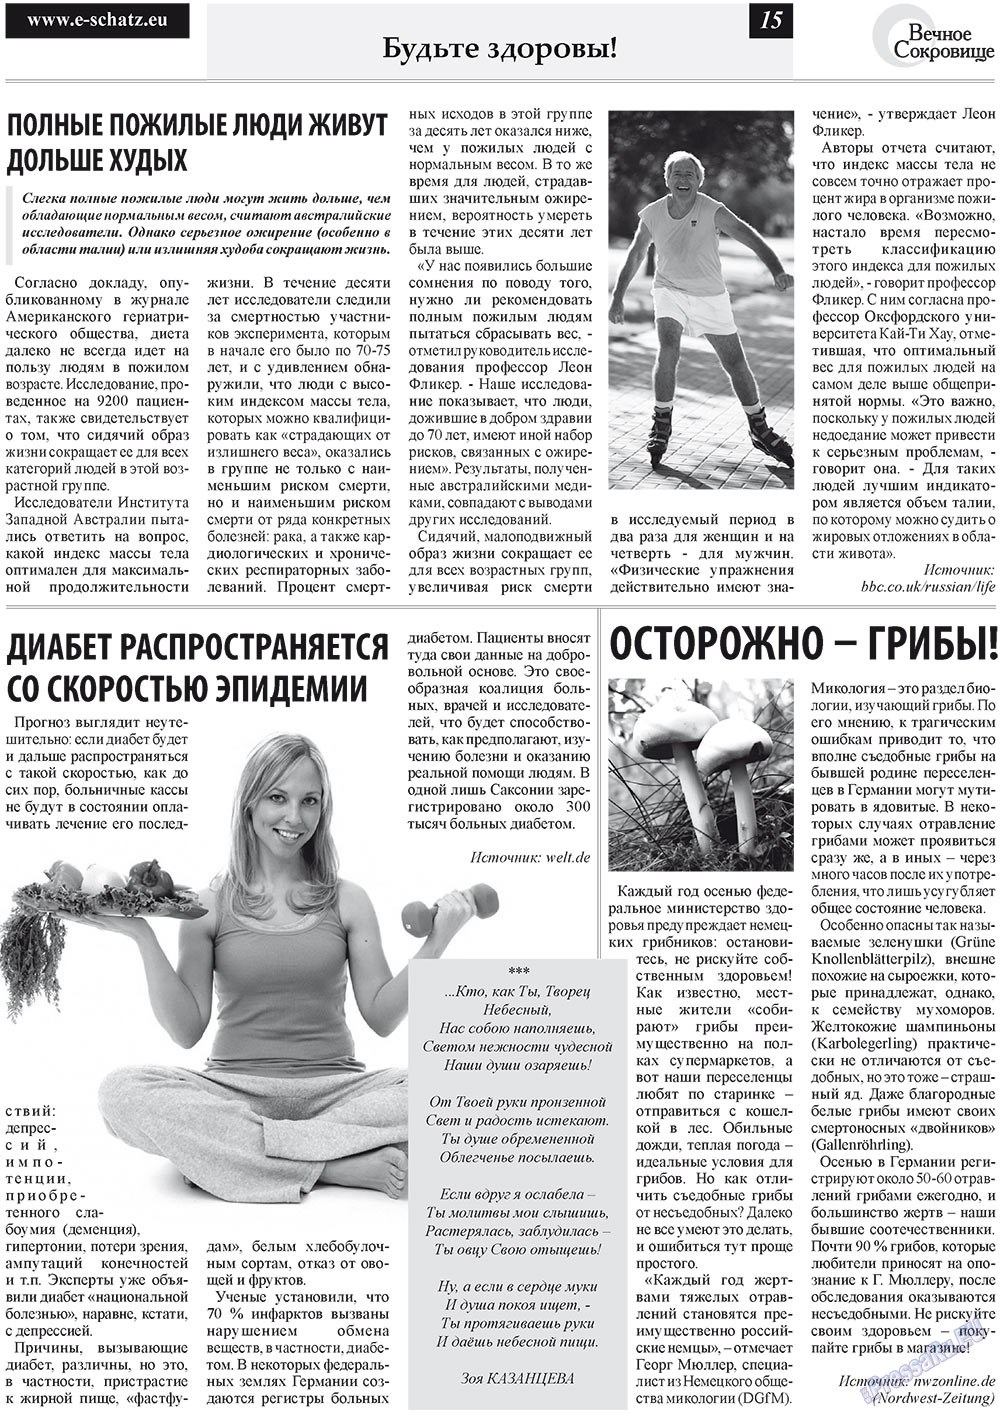 Вечное сокровище (газета). 2011 год, номер 5, стр. 15